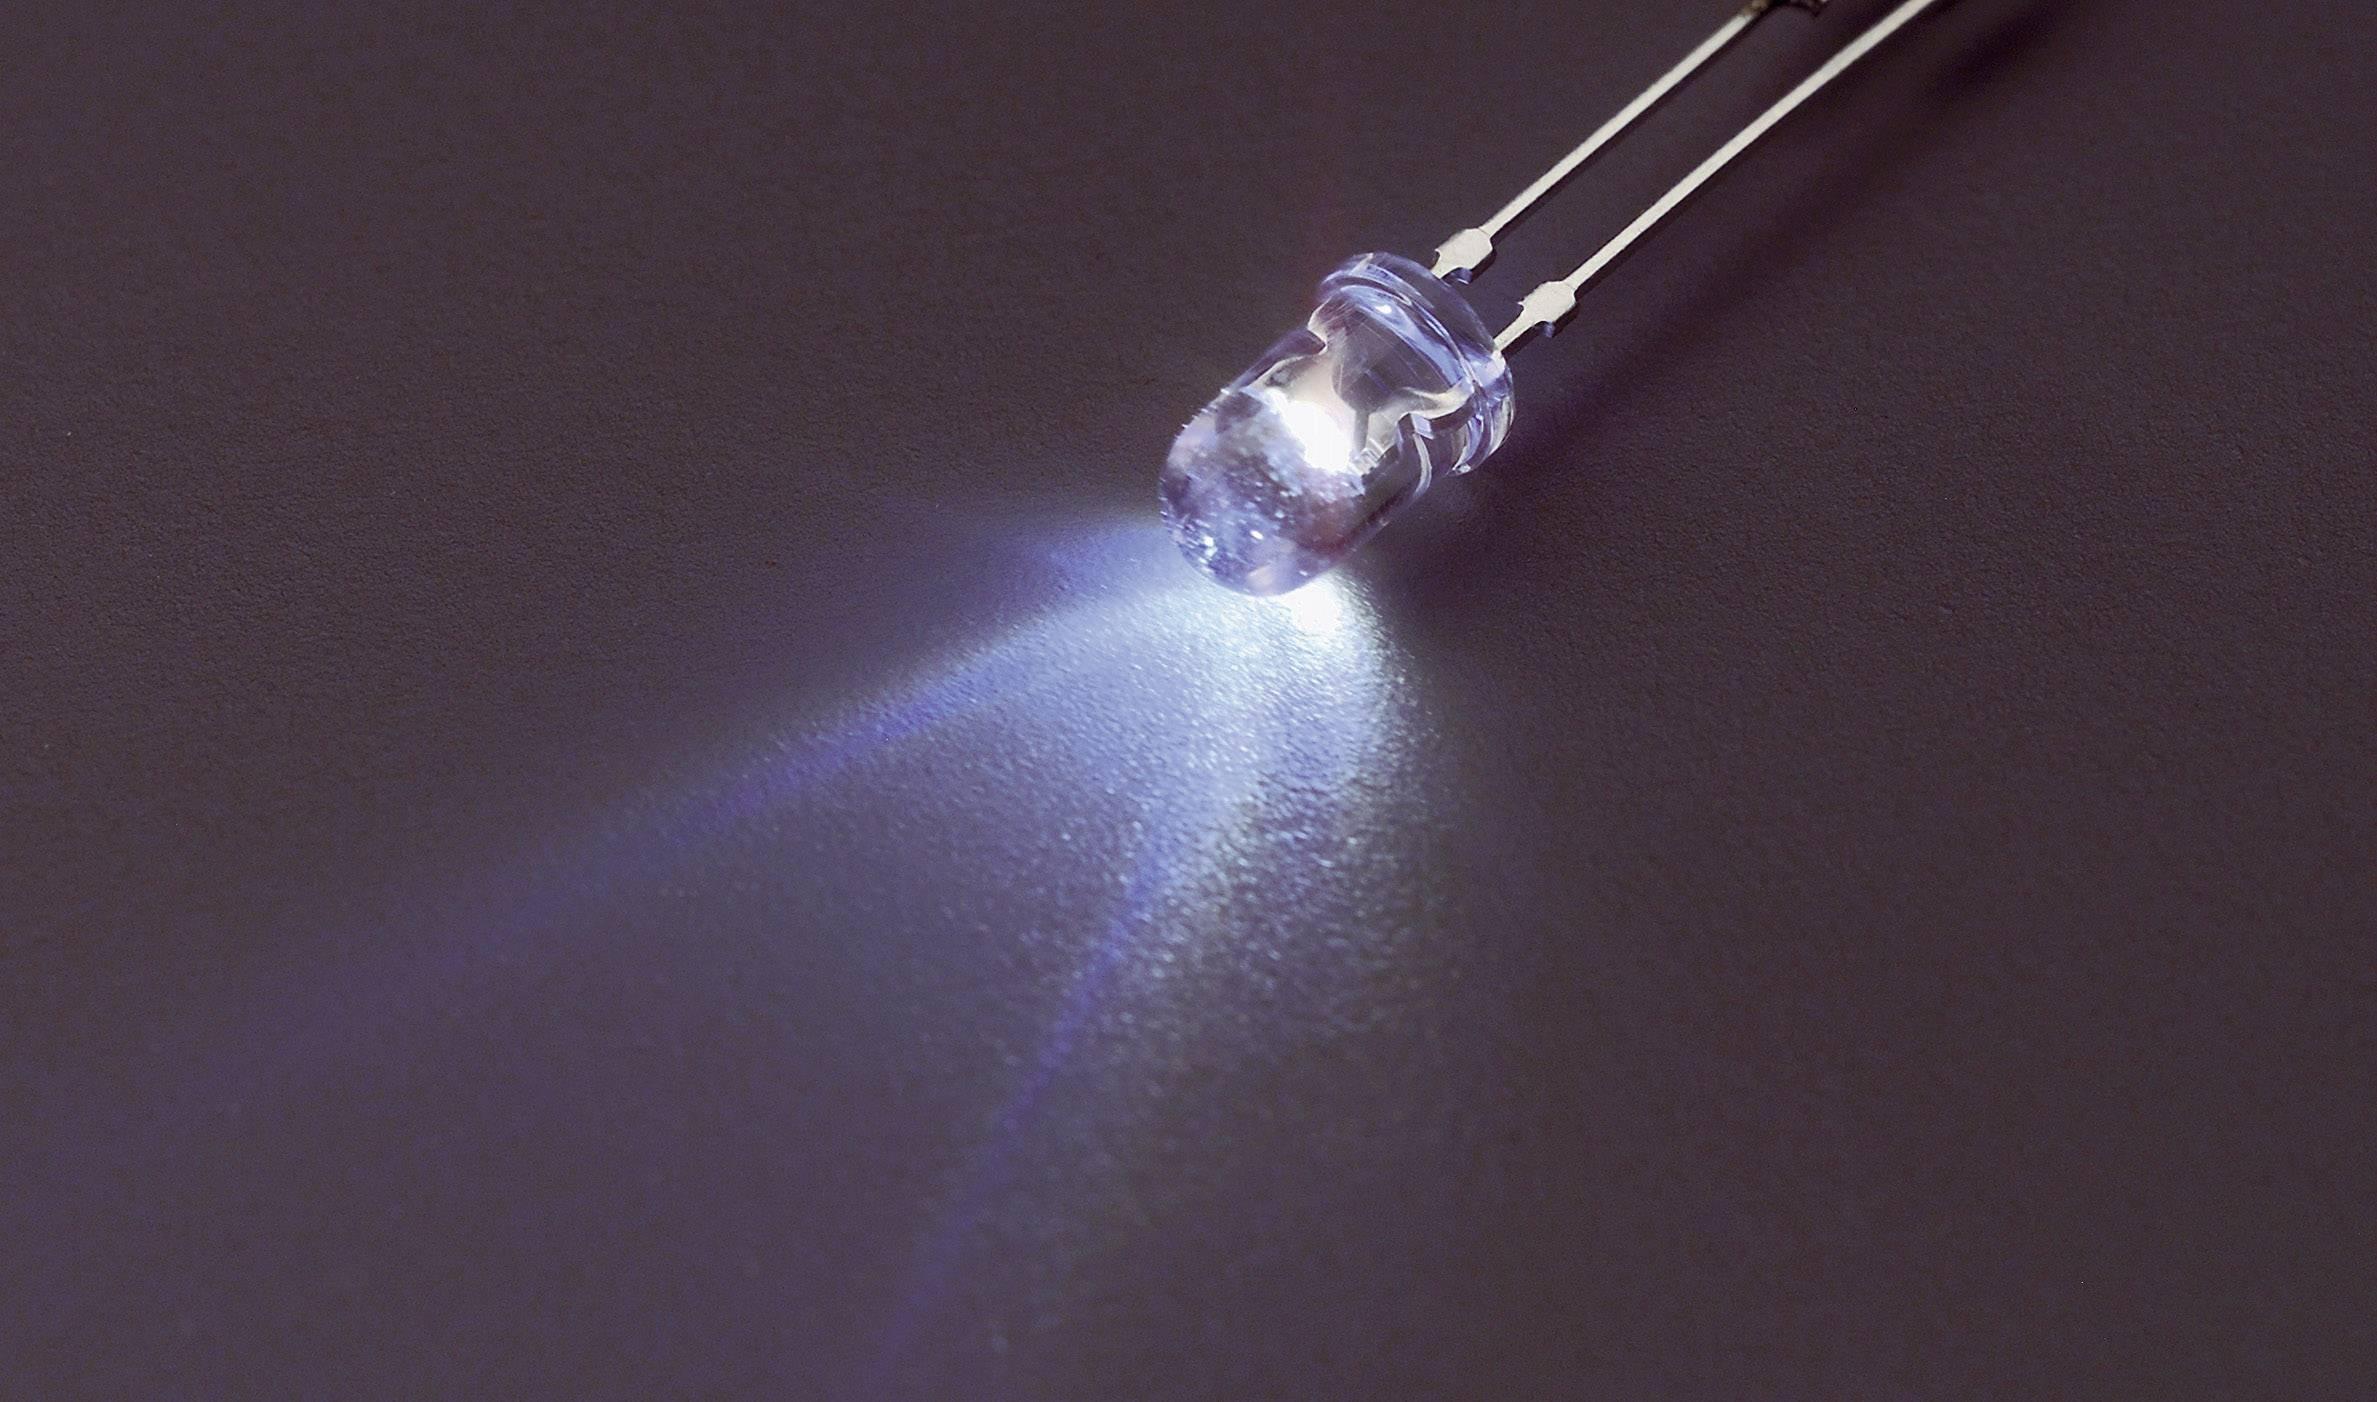 LEDsvývodmi Nichia NSPL515DS, NSPL515S, typ čočky guľatý, 5 mm, 55 °, 20 mA, 1800 mcd, 3.2 V, teplá biela